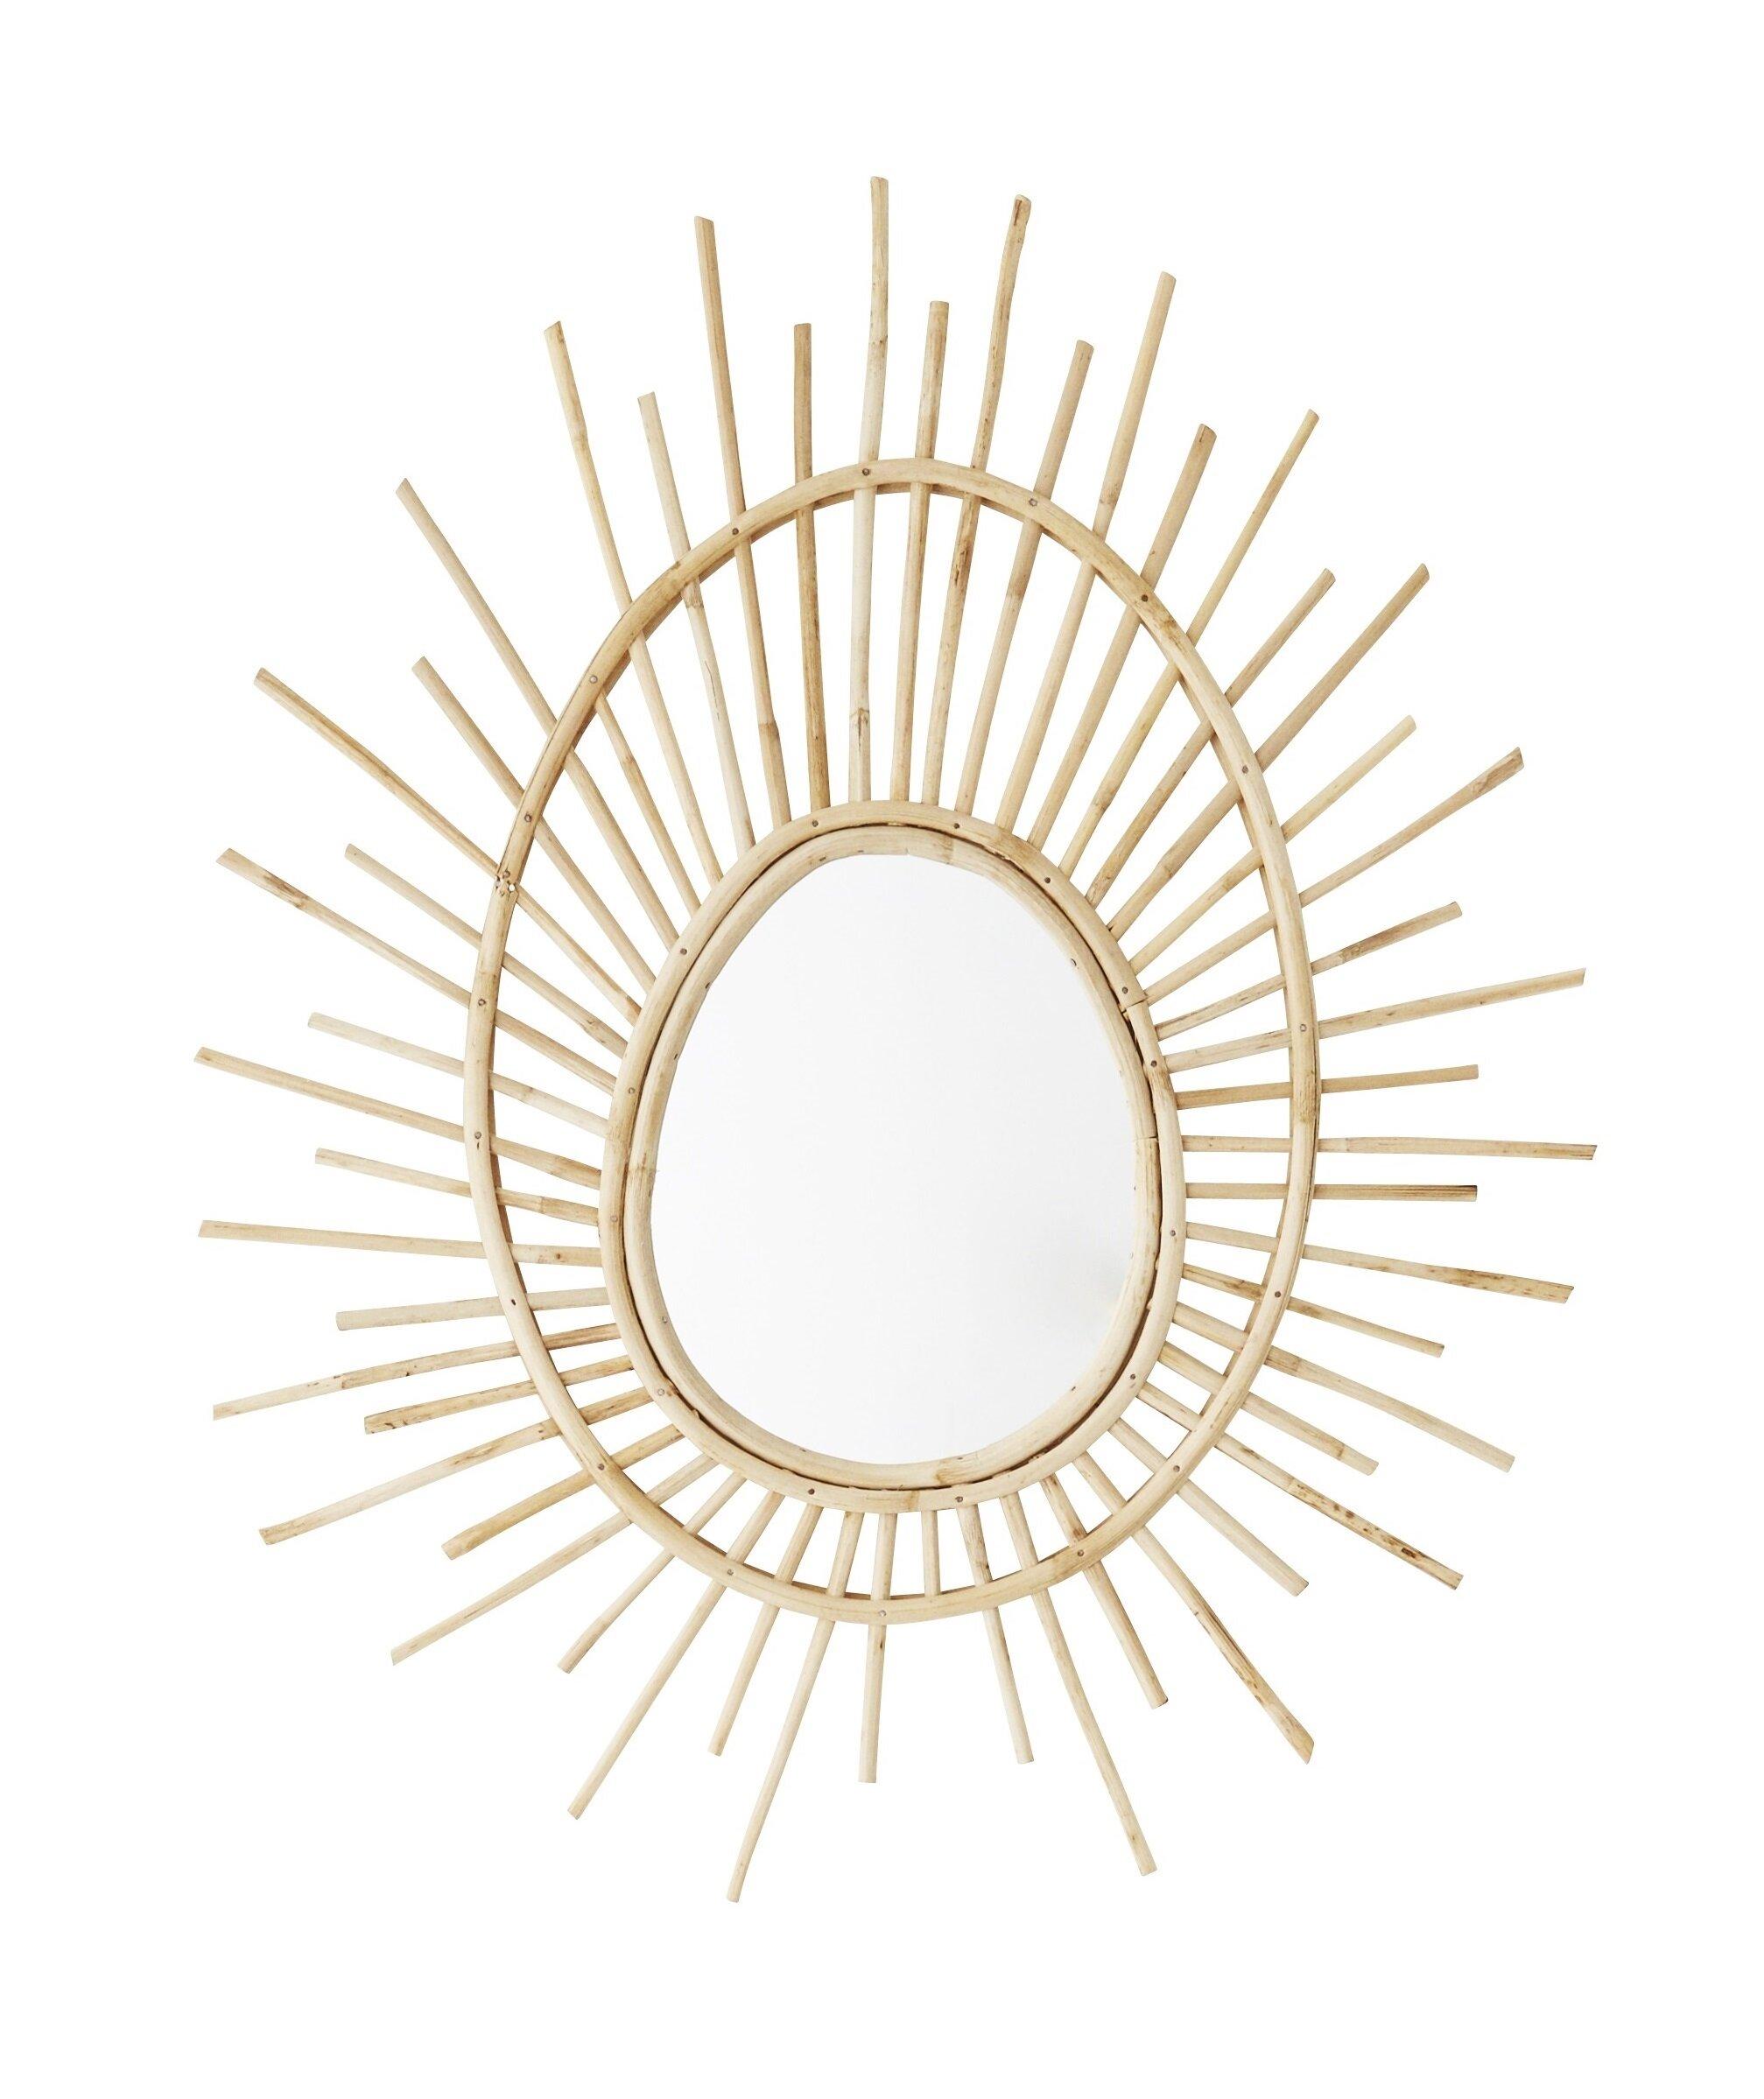 Abode Living - Bamboo Starburst Mirror